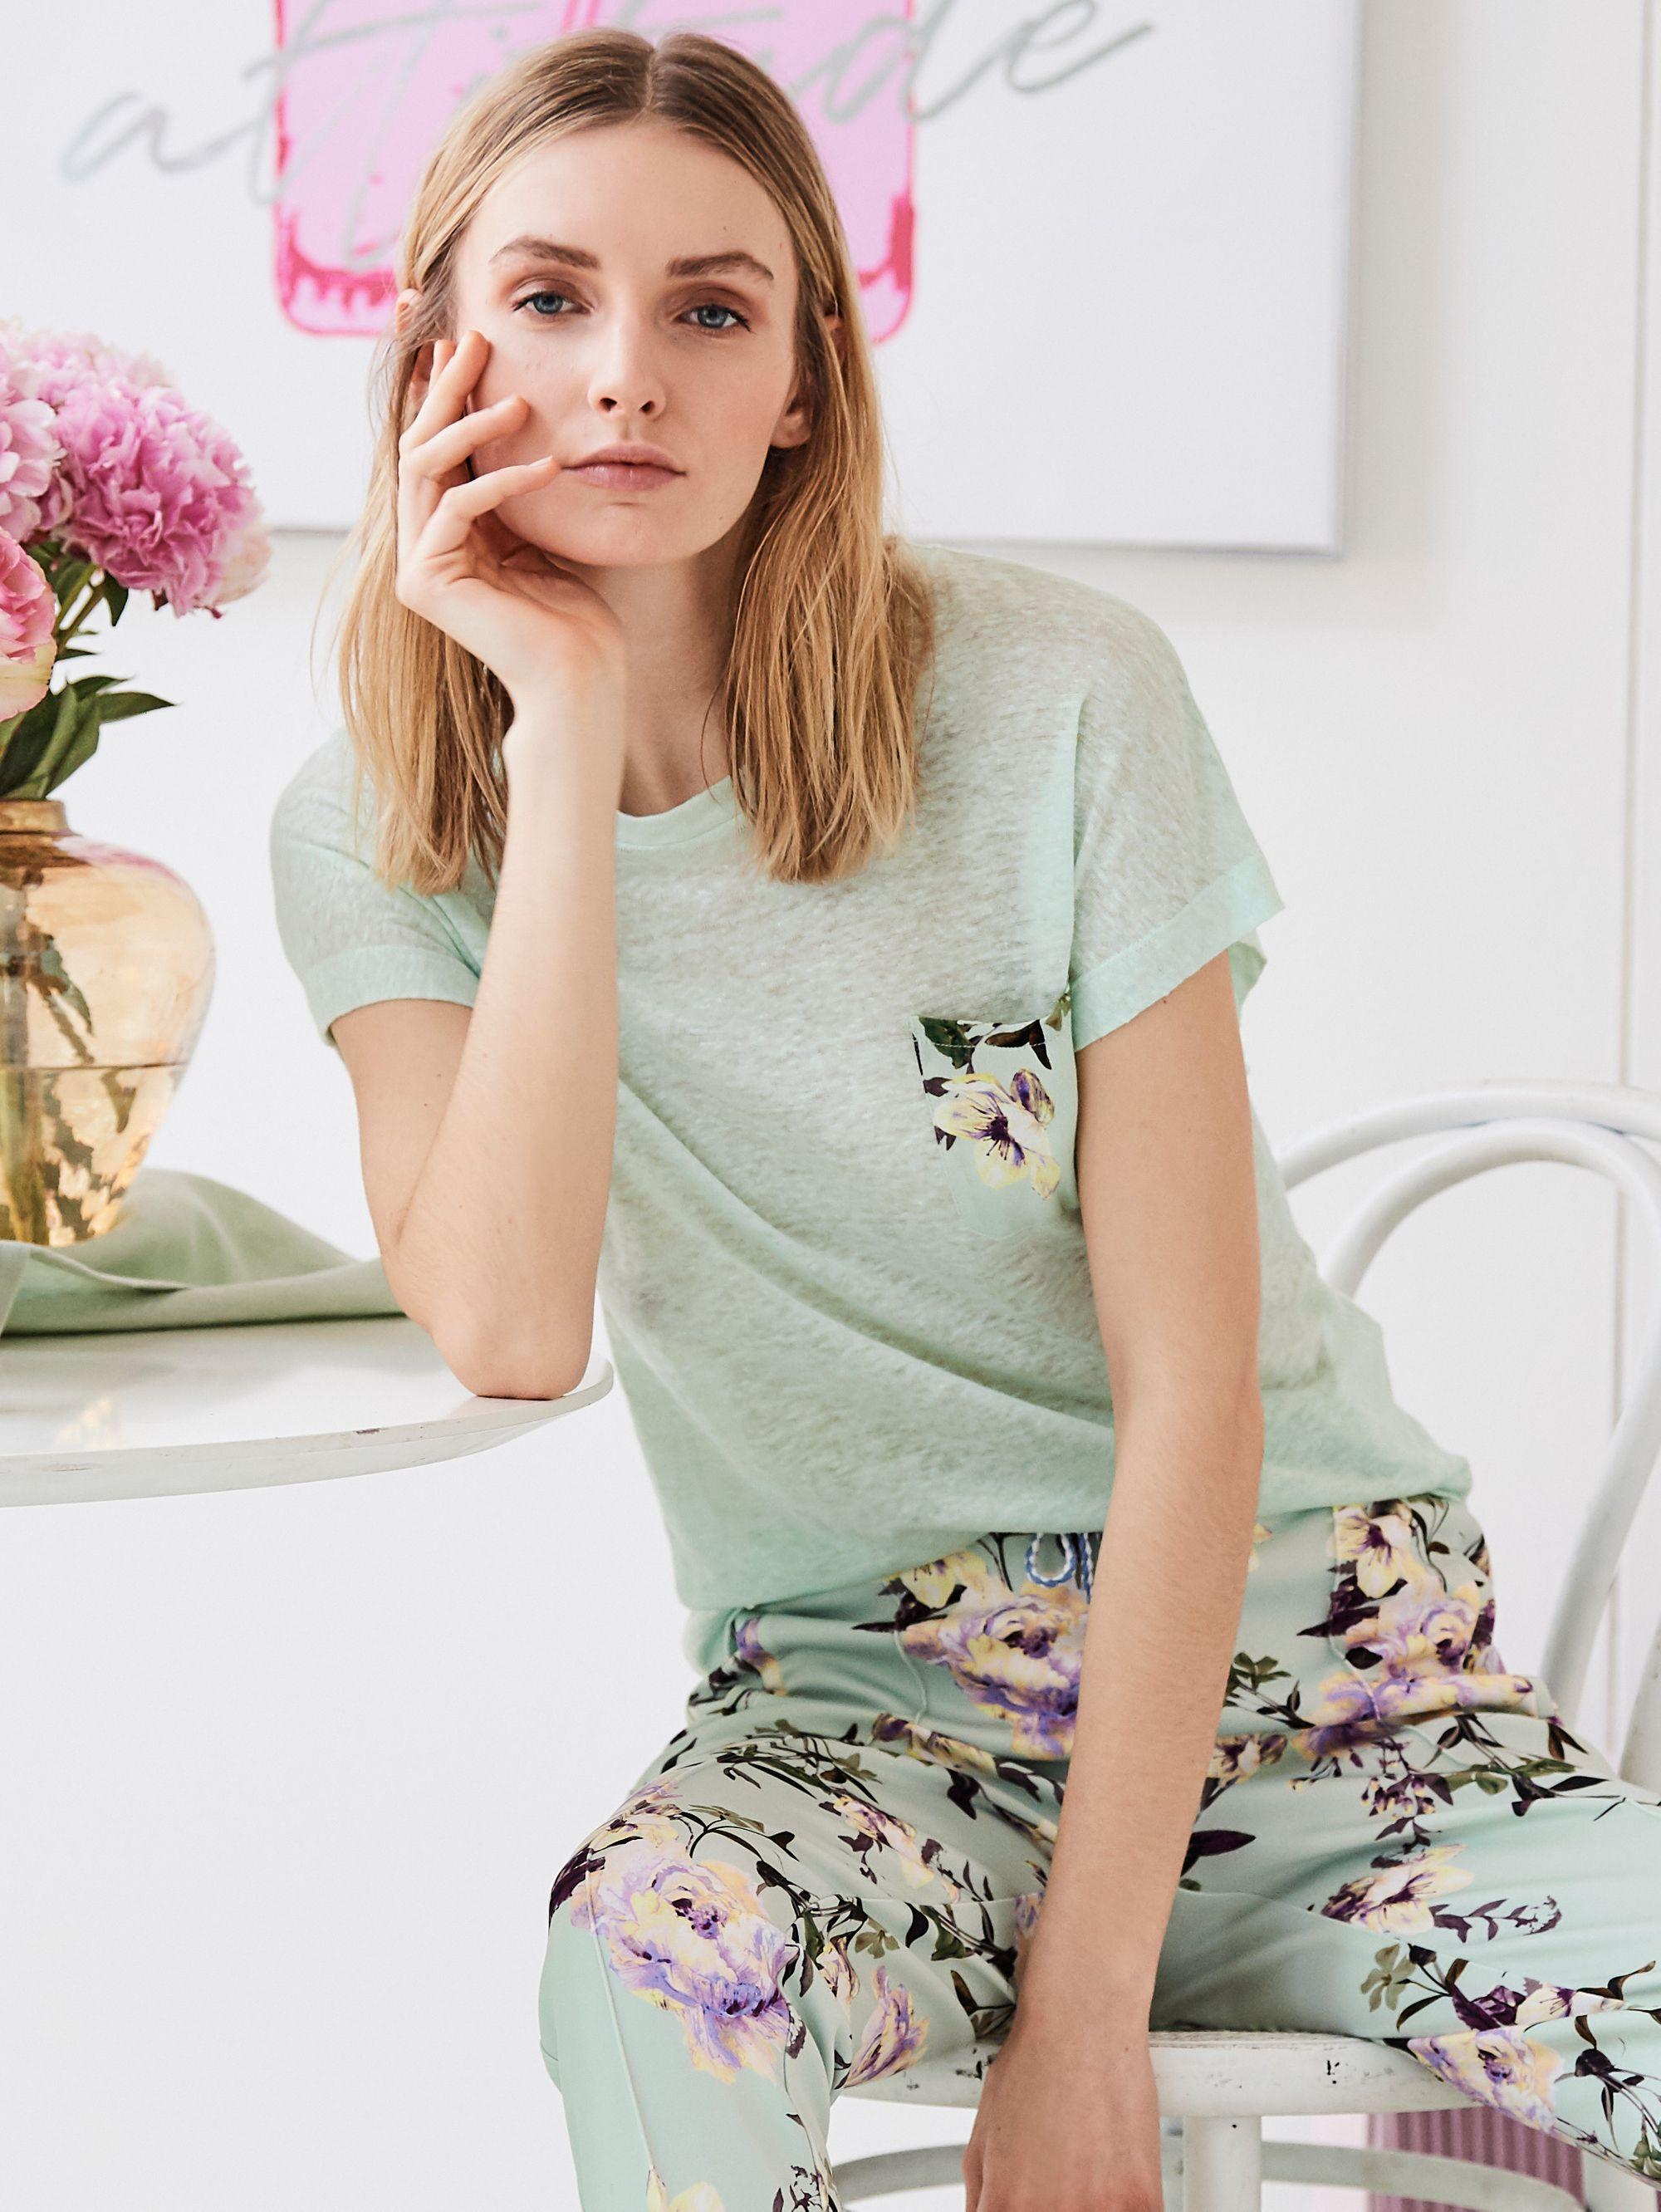 Weiches Leinenshirt Mit Floralem Highlight An Der Tasche Impressionen Fashion Style Kleid Mit Armel Modestil Bekleidung